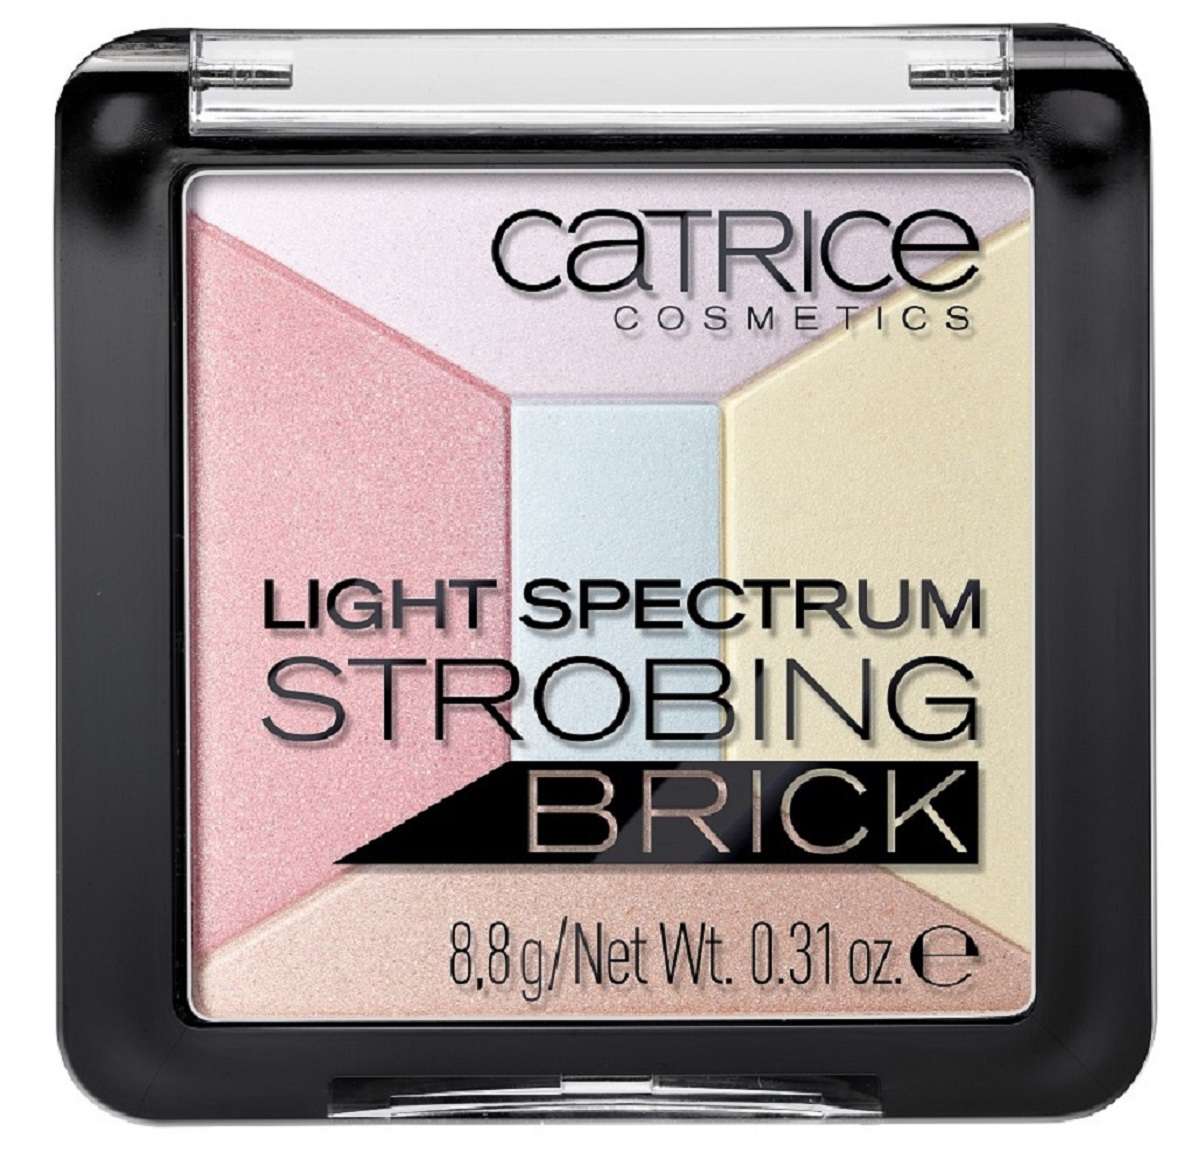 CatriceХайлайтер мультицветный 5 в 1 Light Spectrum Strobing Brick 30 Candy Cotton, цвет: разноцветный